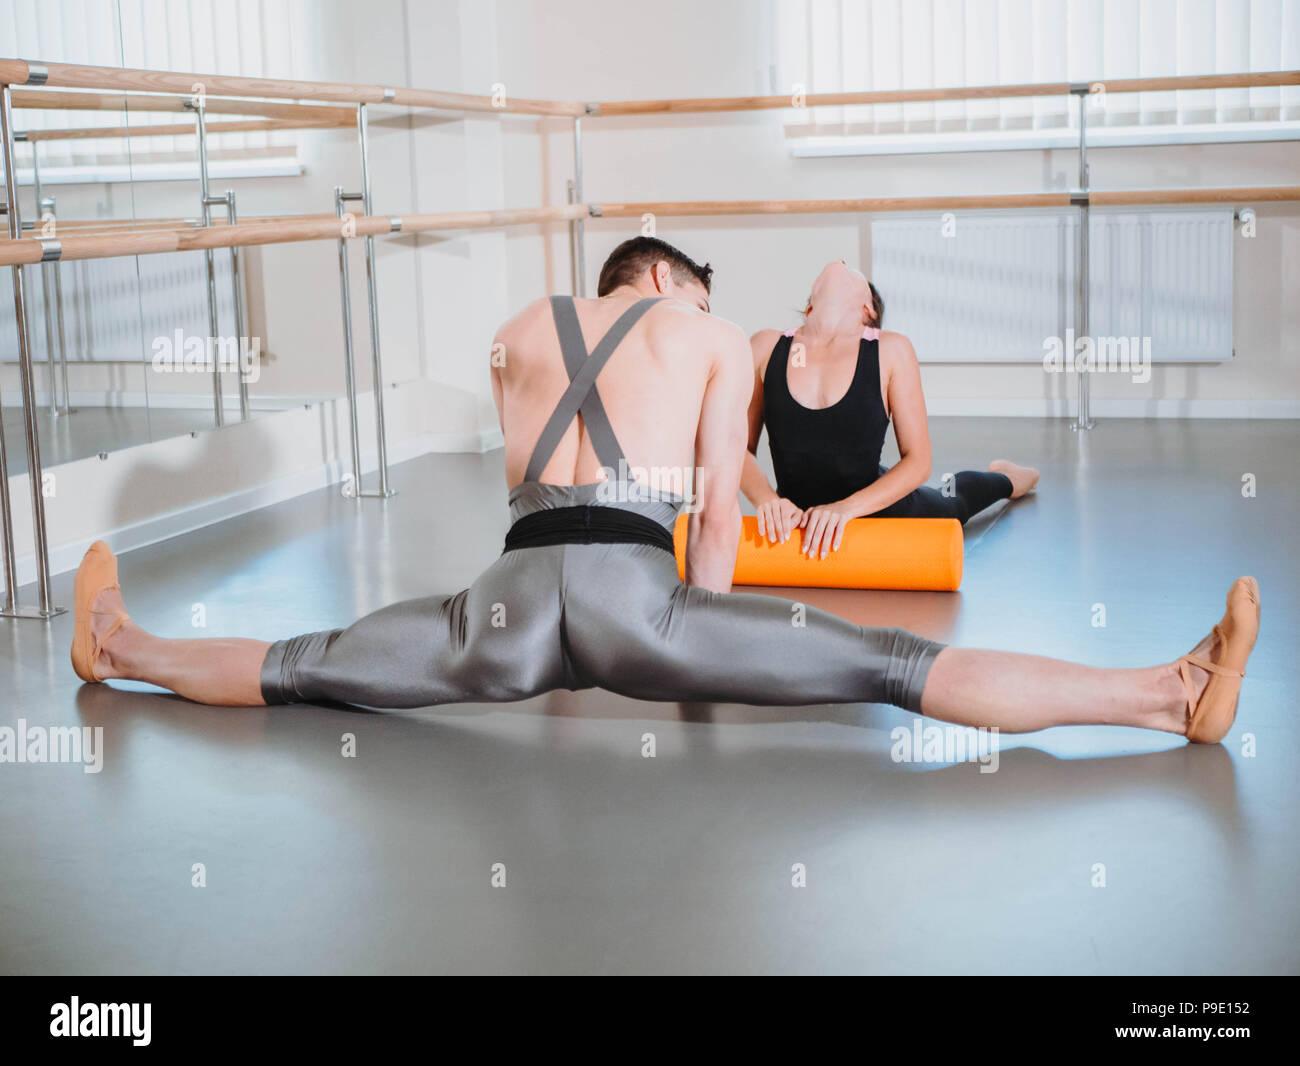 Préparation du corps avant son rendement en ballet studio. Danseur et danseuse réchauffe près de barre sur la répétition. Photo Stock